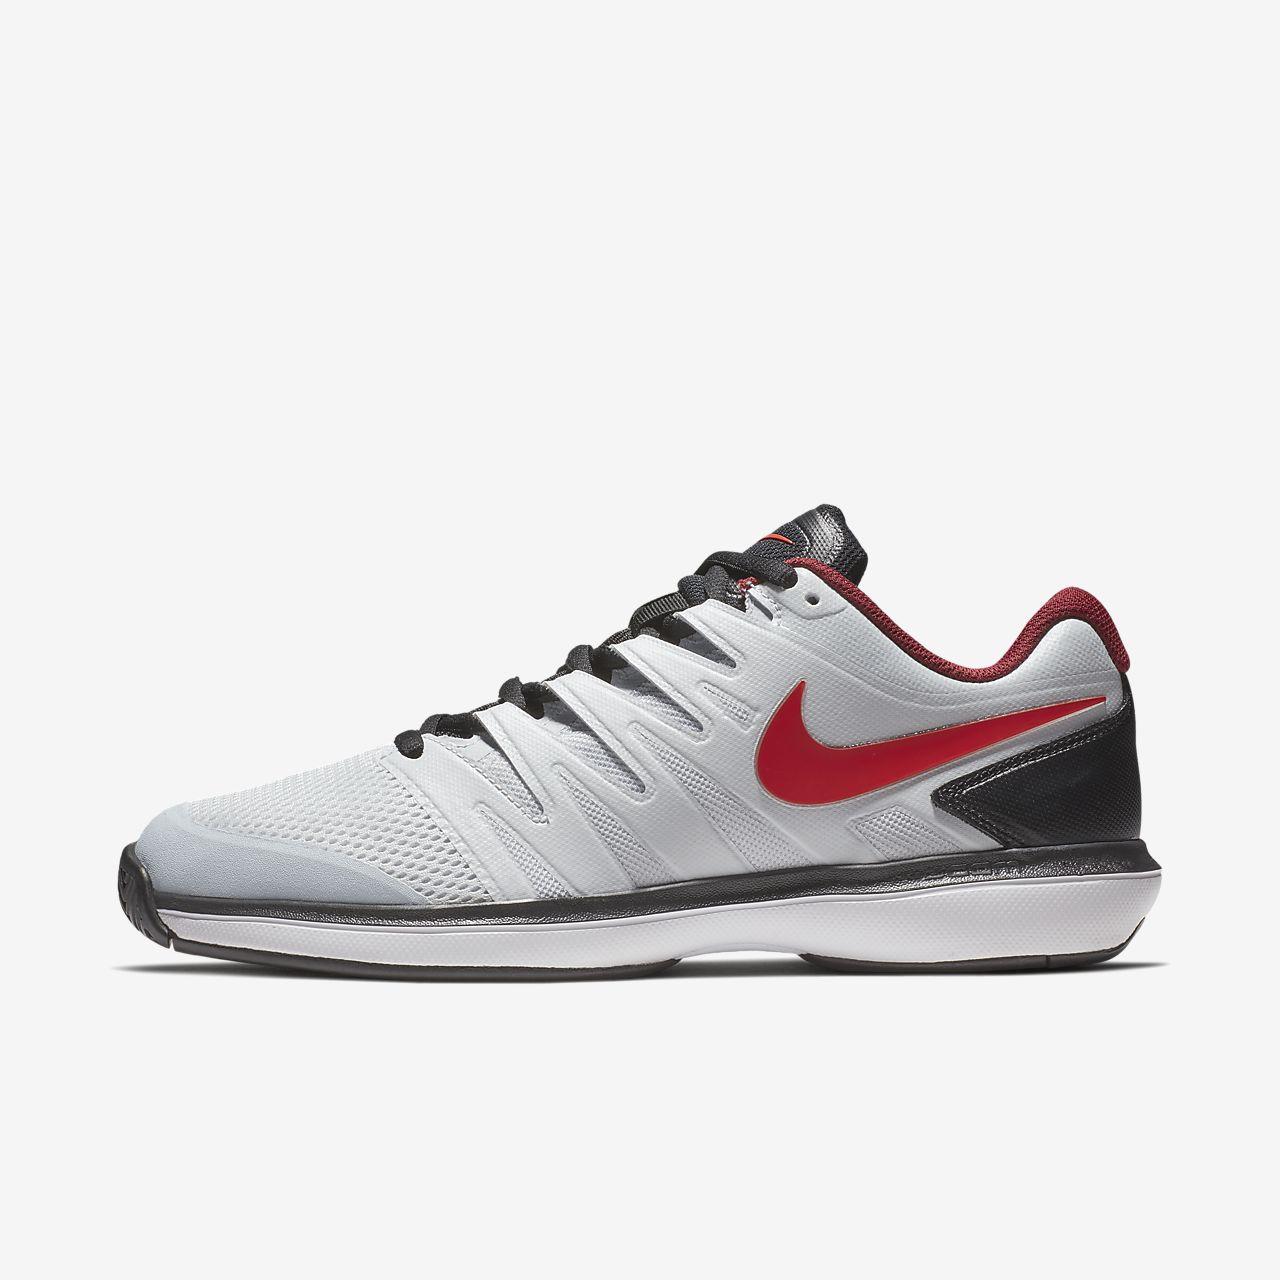 Buy Nike Air Prestige Shoes  8ebbae219